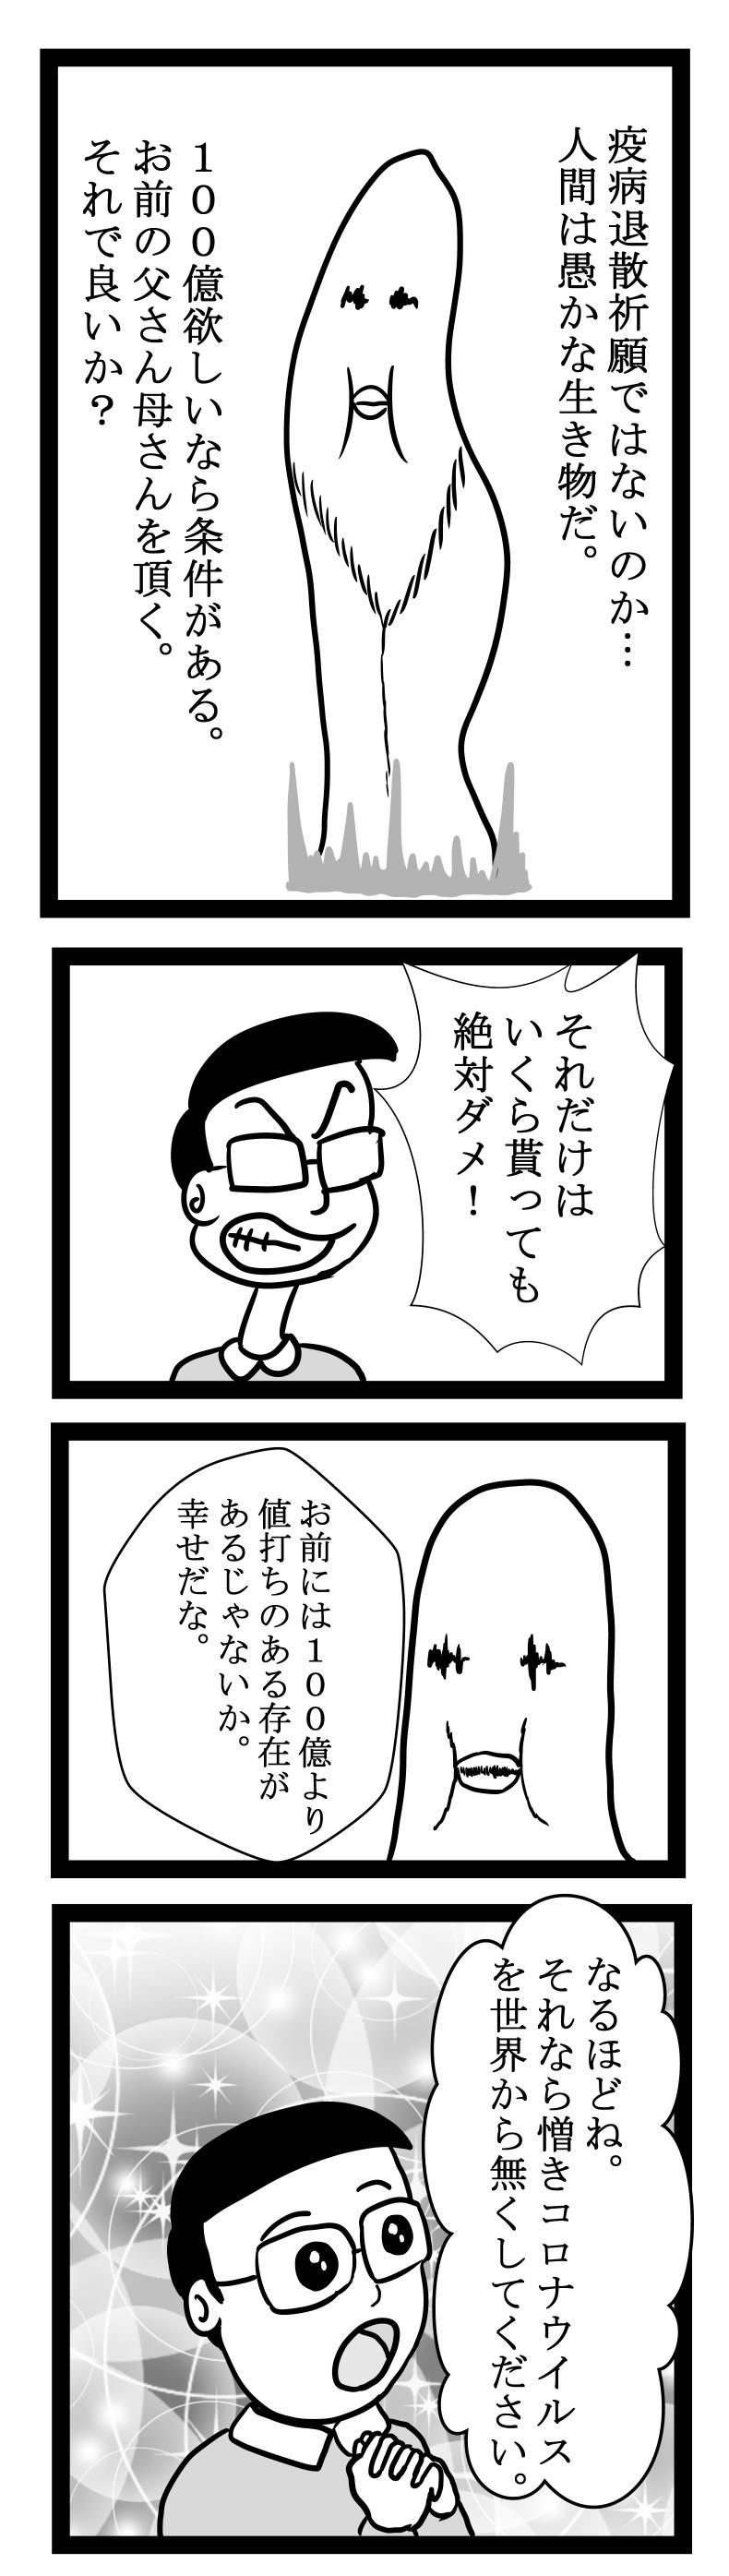 WEBパチスロ漫画 6ページ